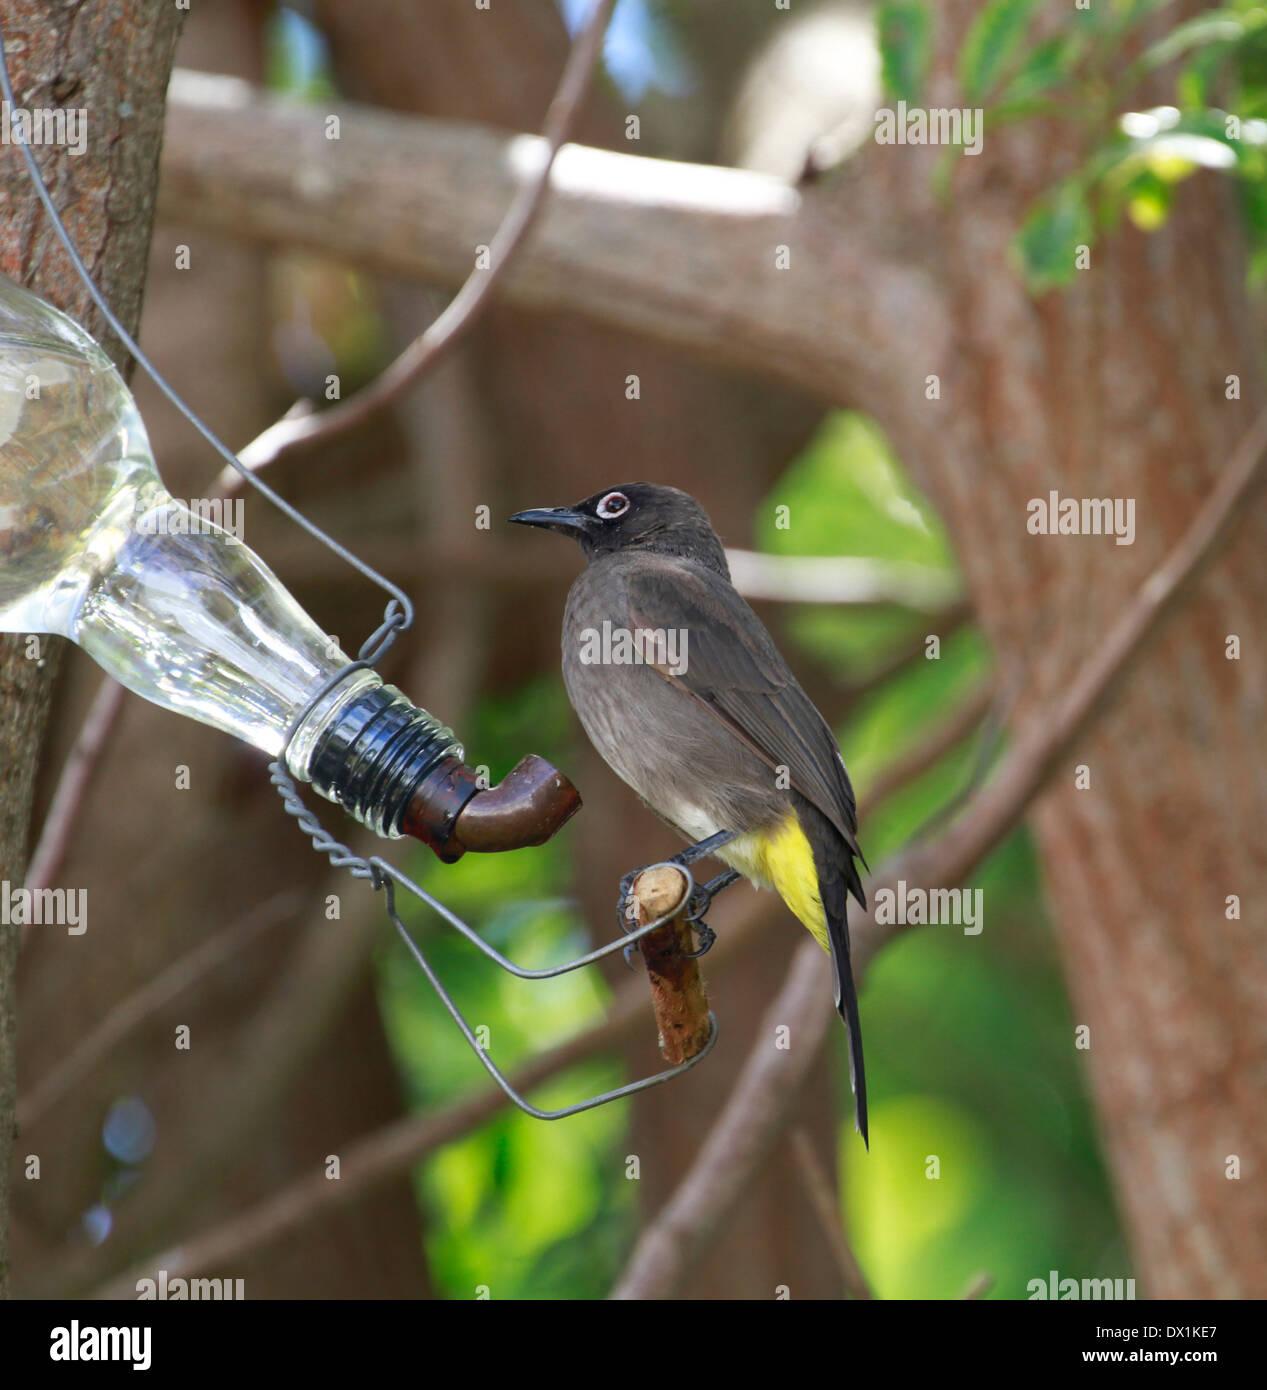 A Cape Bulbul (Pycnonotus capensis) perched on a nectar feeder in a garden. Stock Photo